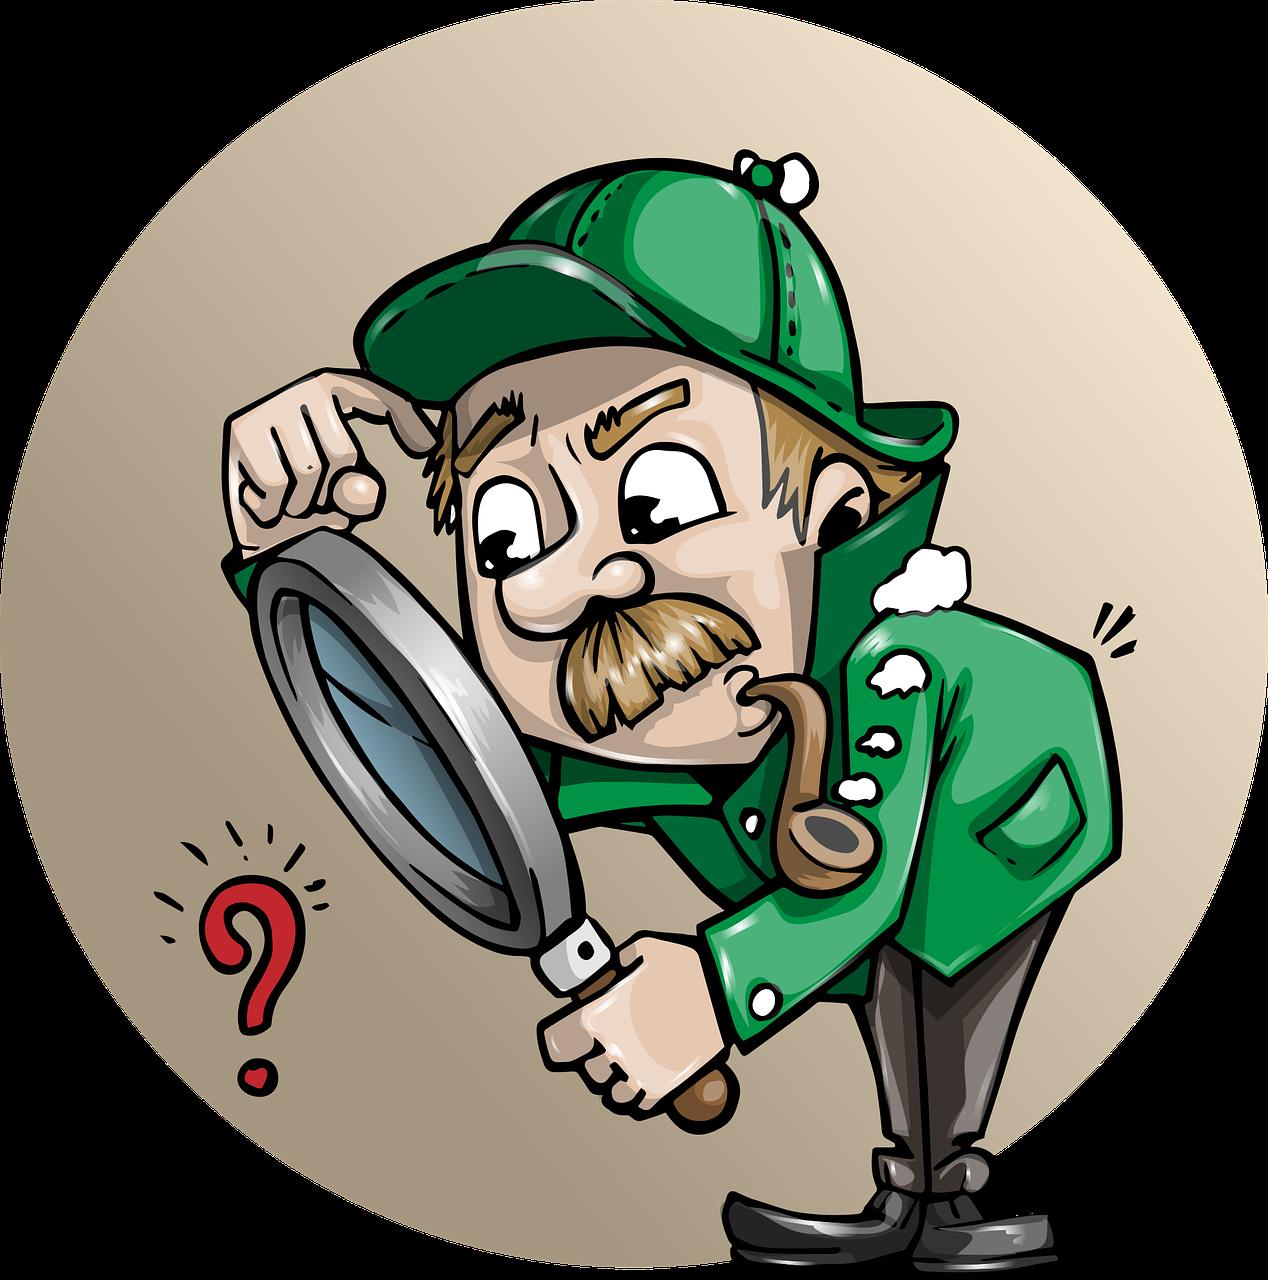 Arme N°4 : Le Fact-Checking — Les Inquisiteurs du Faux et duVrai